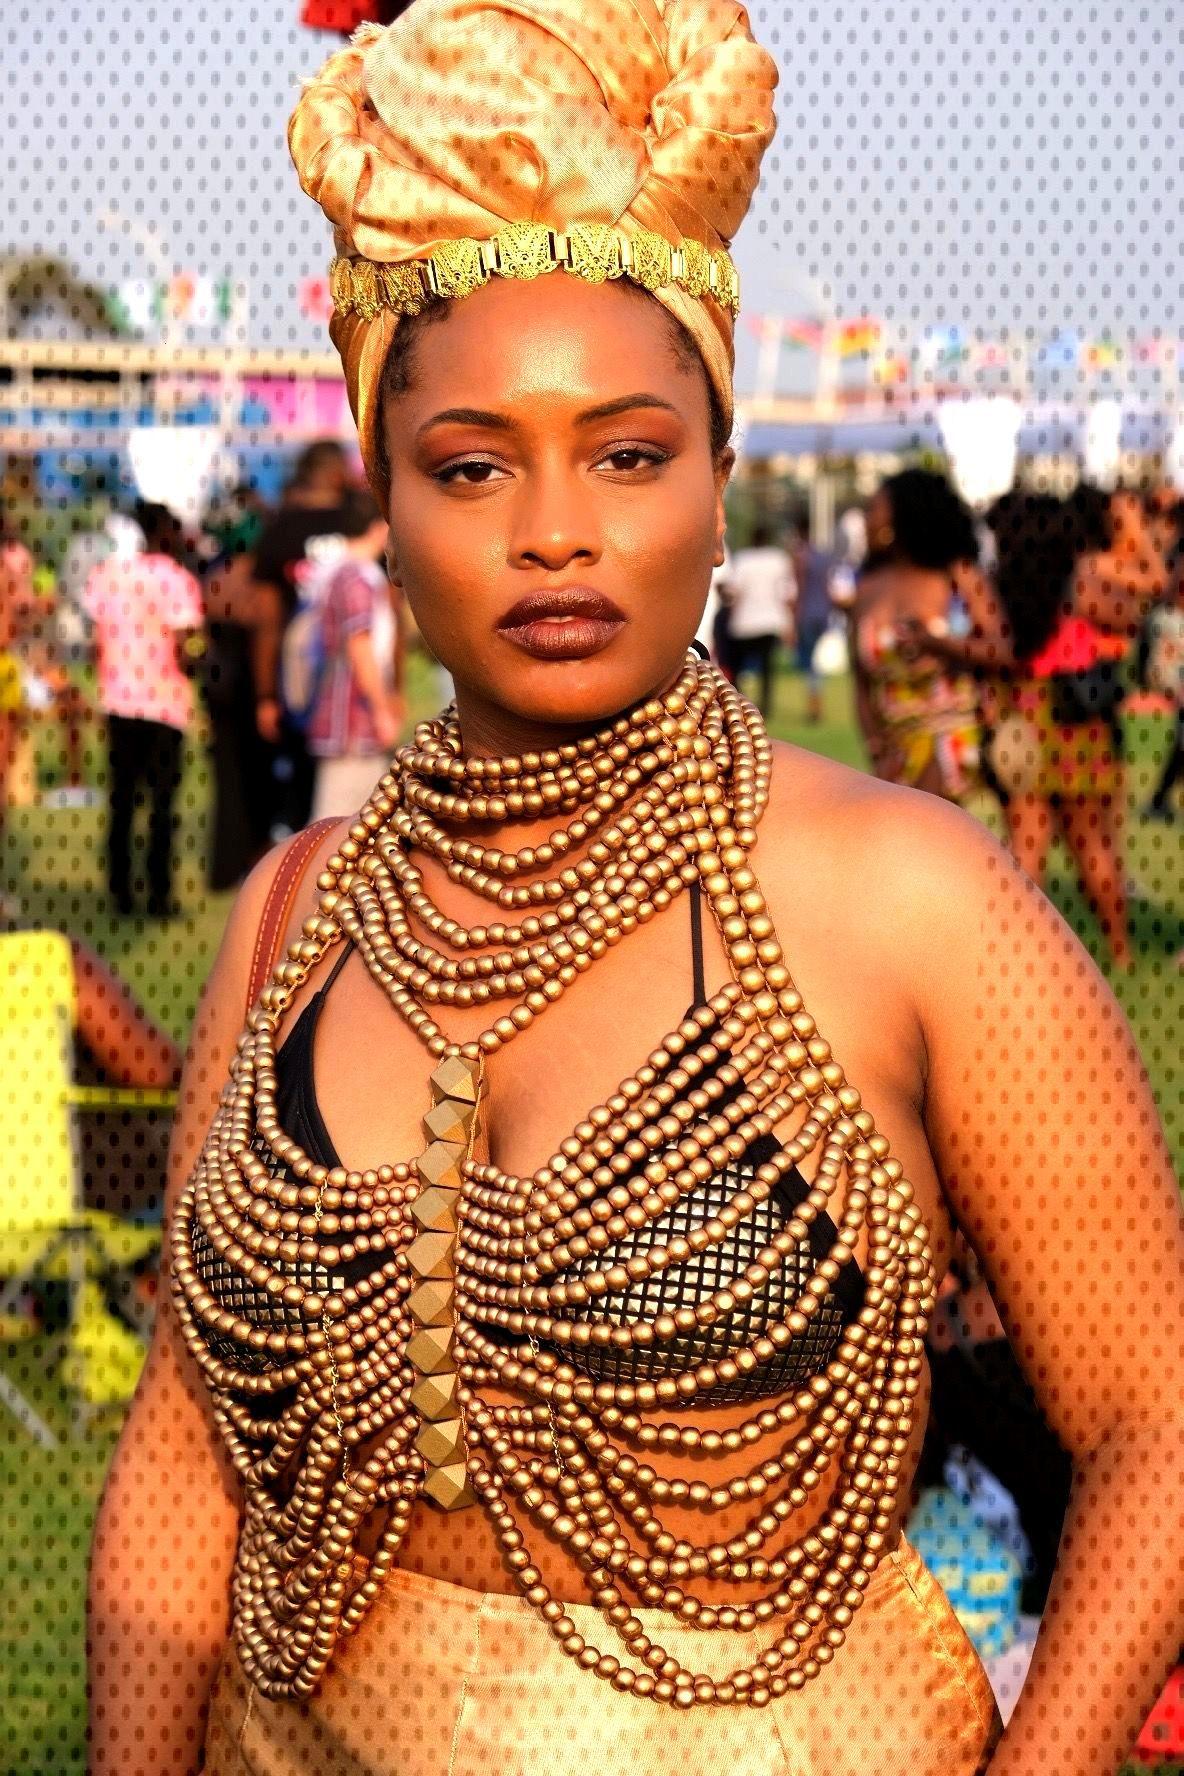 Afrochella 2019 Afrochella/ Afropunk fashion inspo